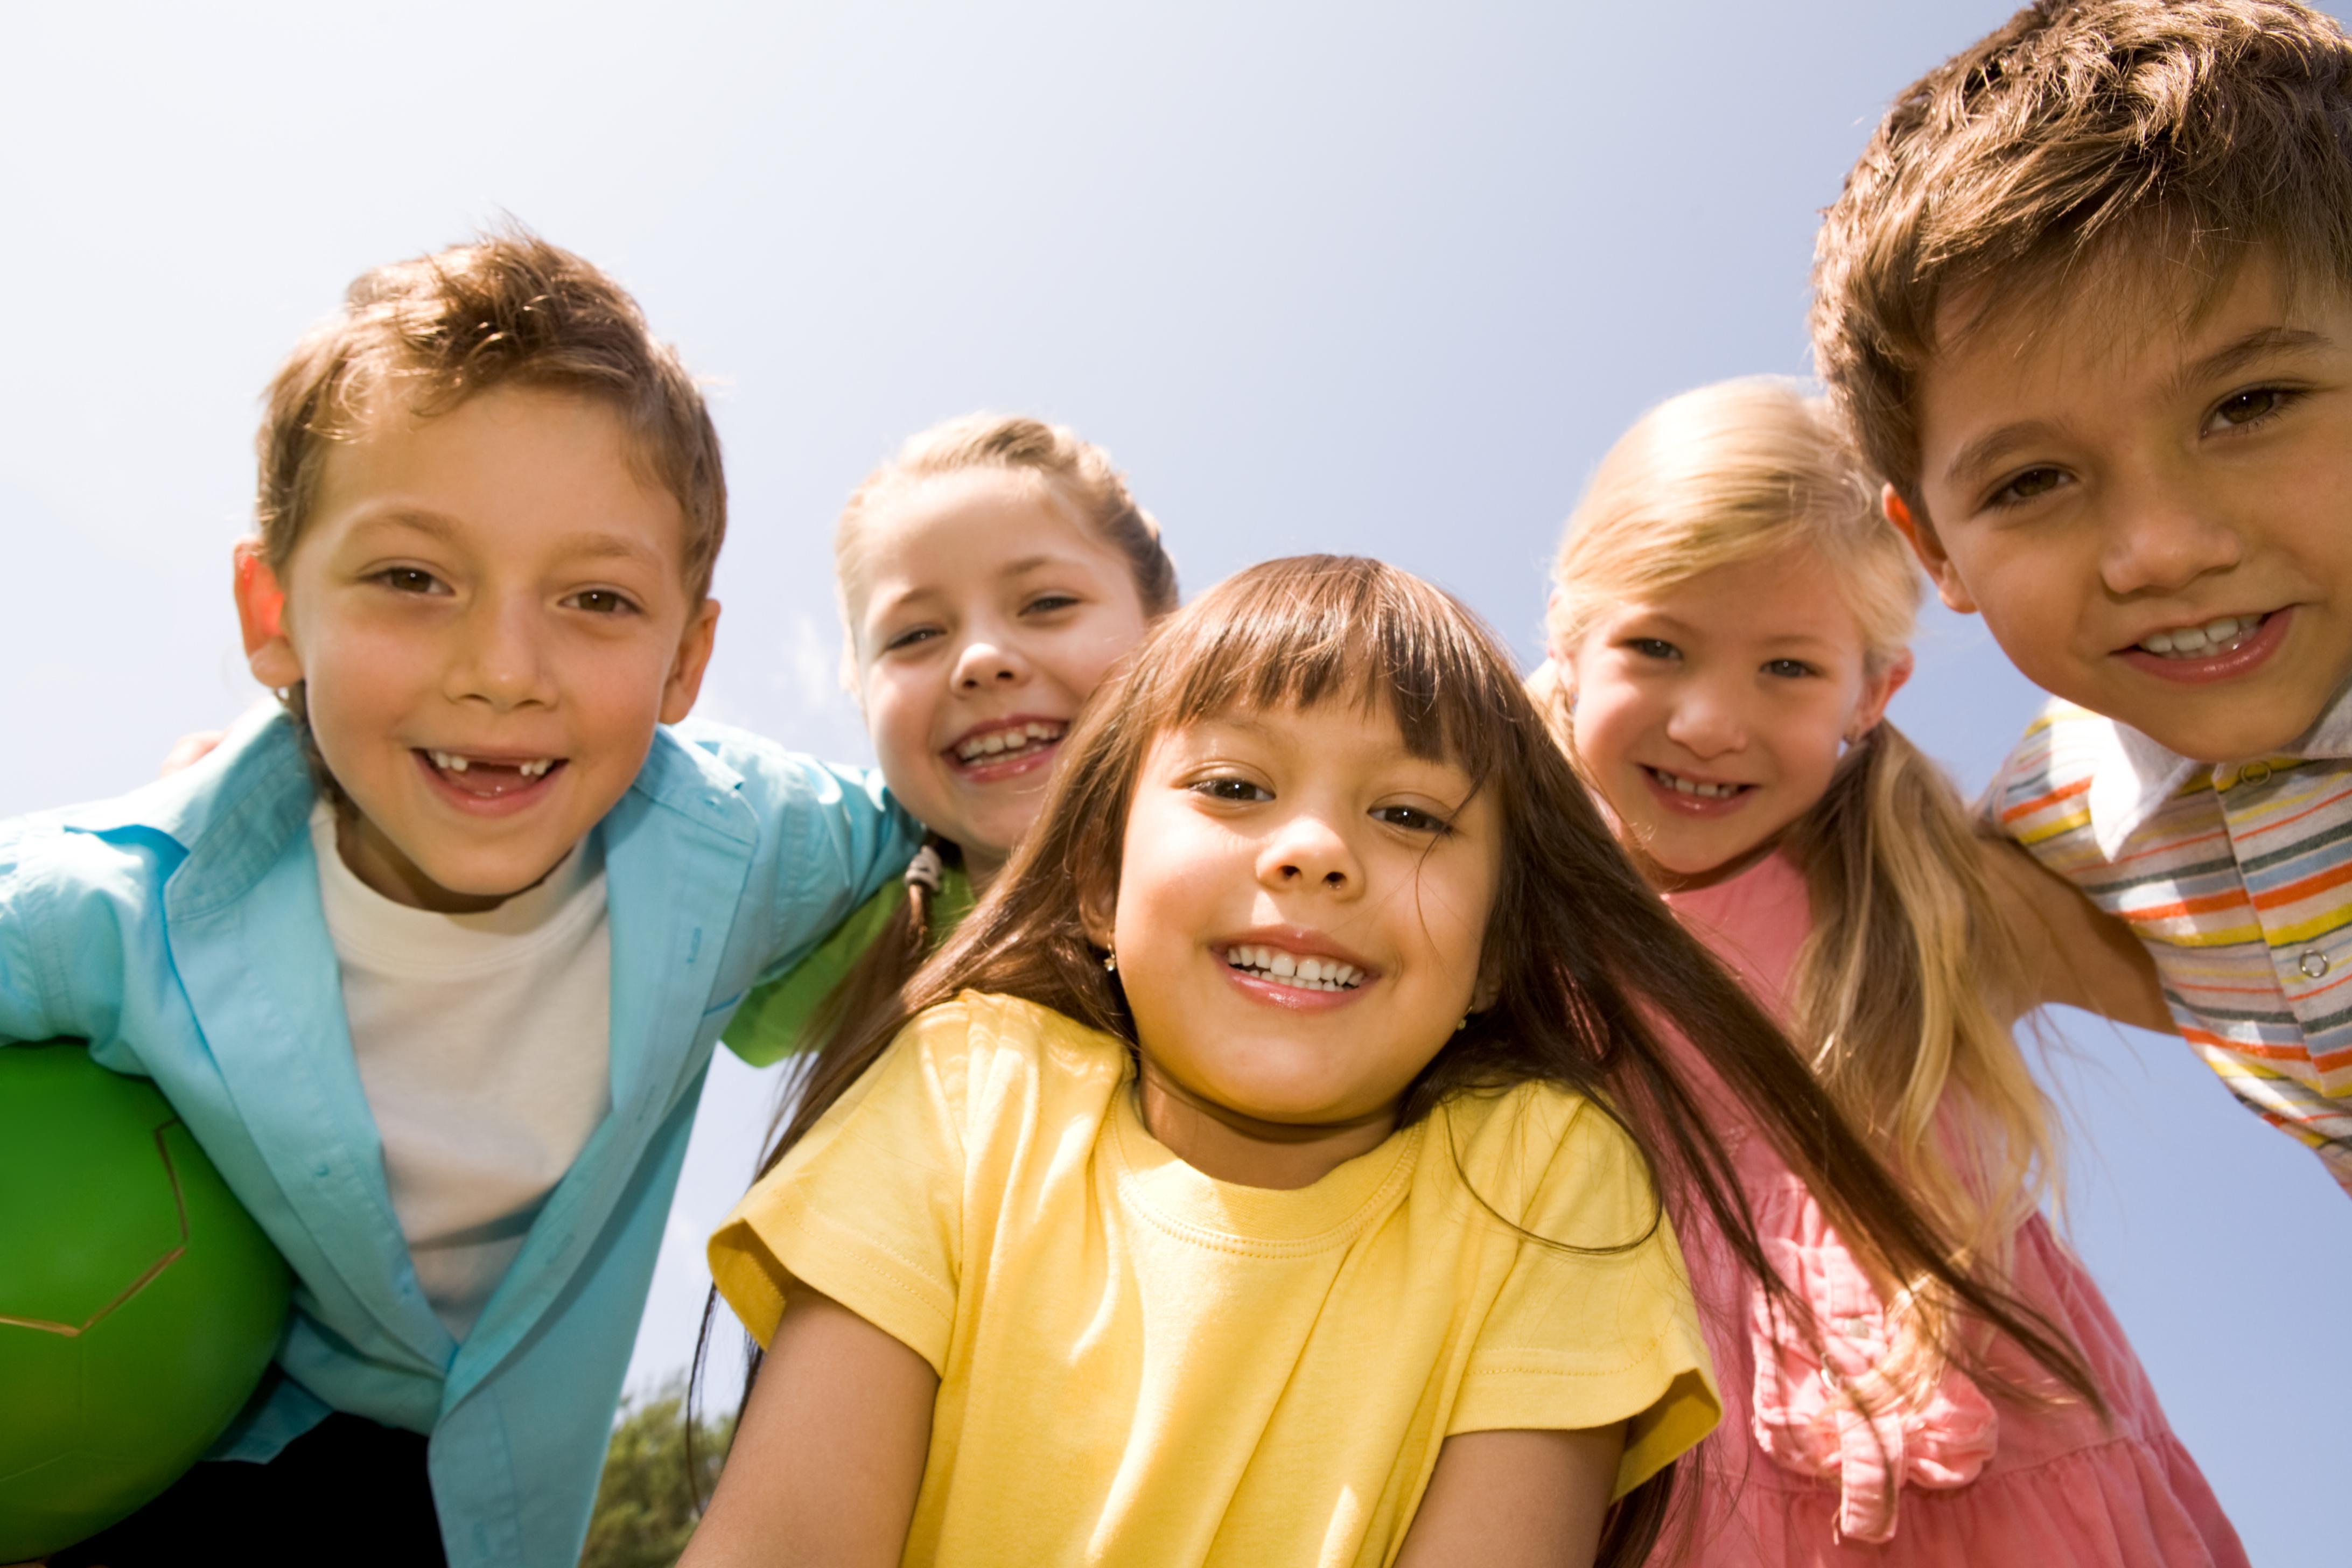 Фото с детьми подростками